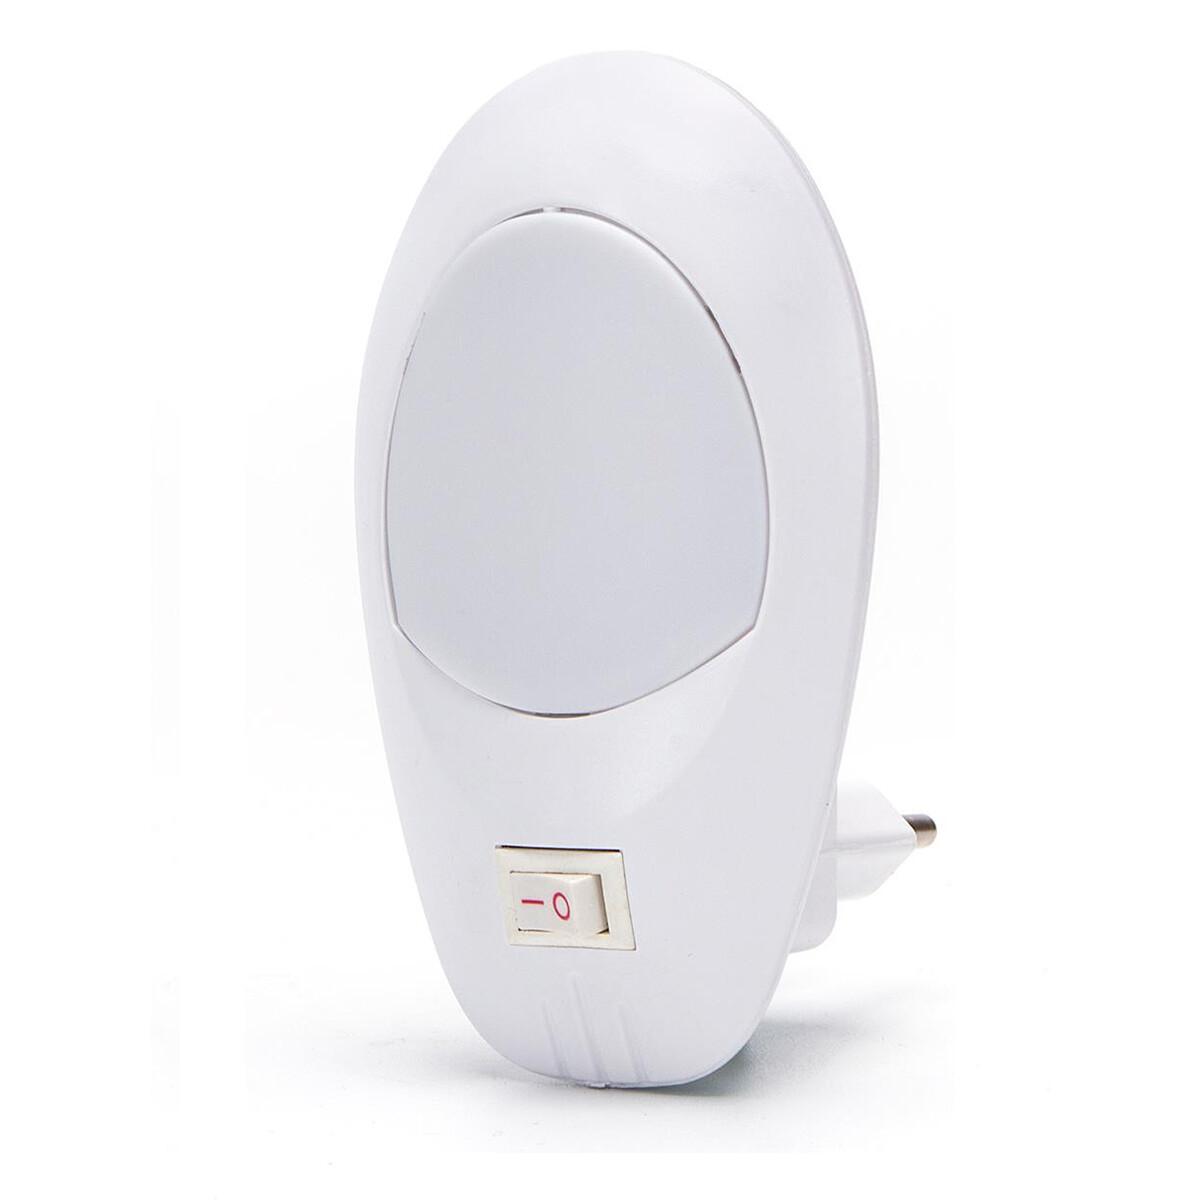 Stekkerlamp Lamp - Stekkerspot met Aan/Uit Schakelaar - Aigi Woest XL - 1W - Helder/Koud Wit 6500K -